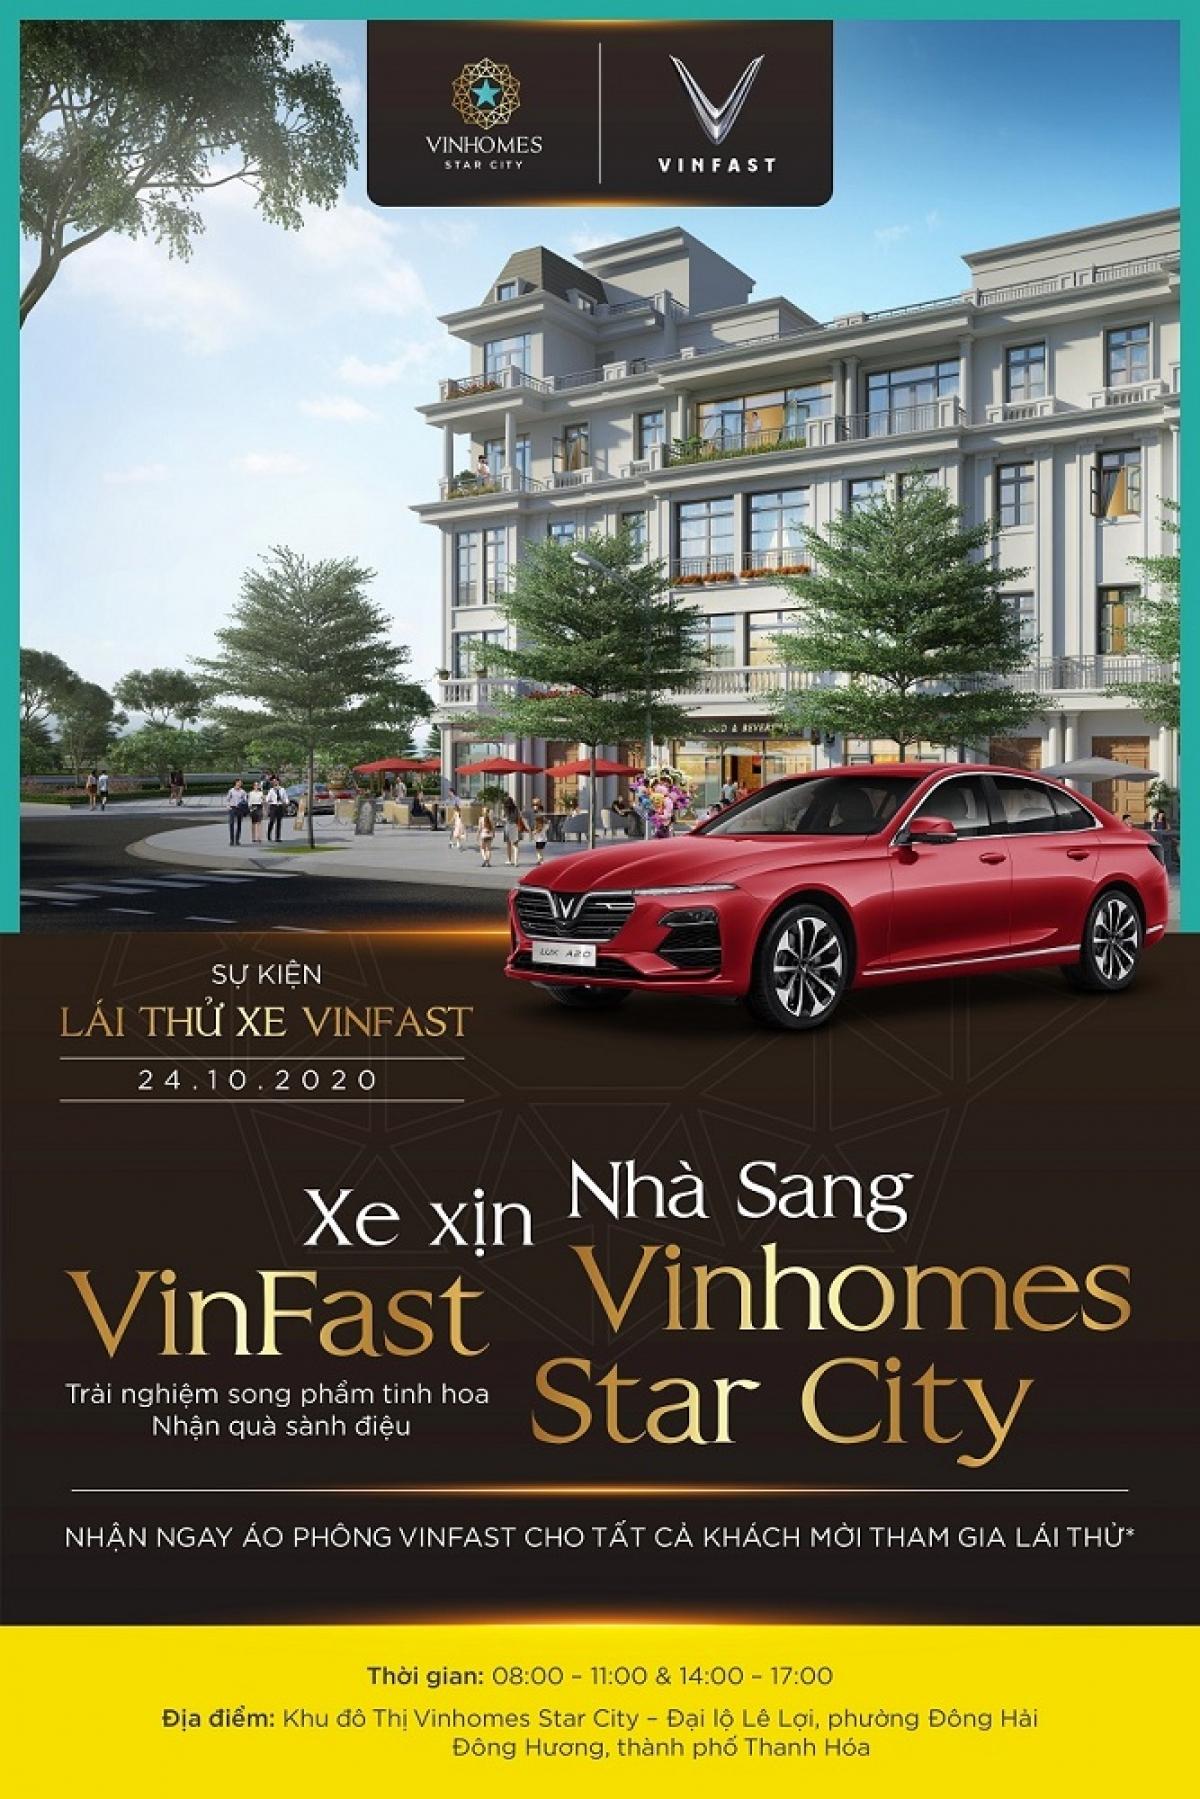 Sự kiện lái thử xe VinFast tổ chức tại khu đô thị Vinhomes Star City Thanh Hóa